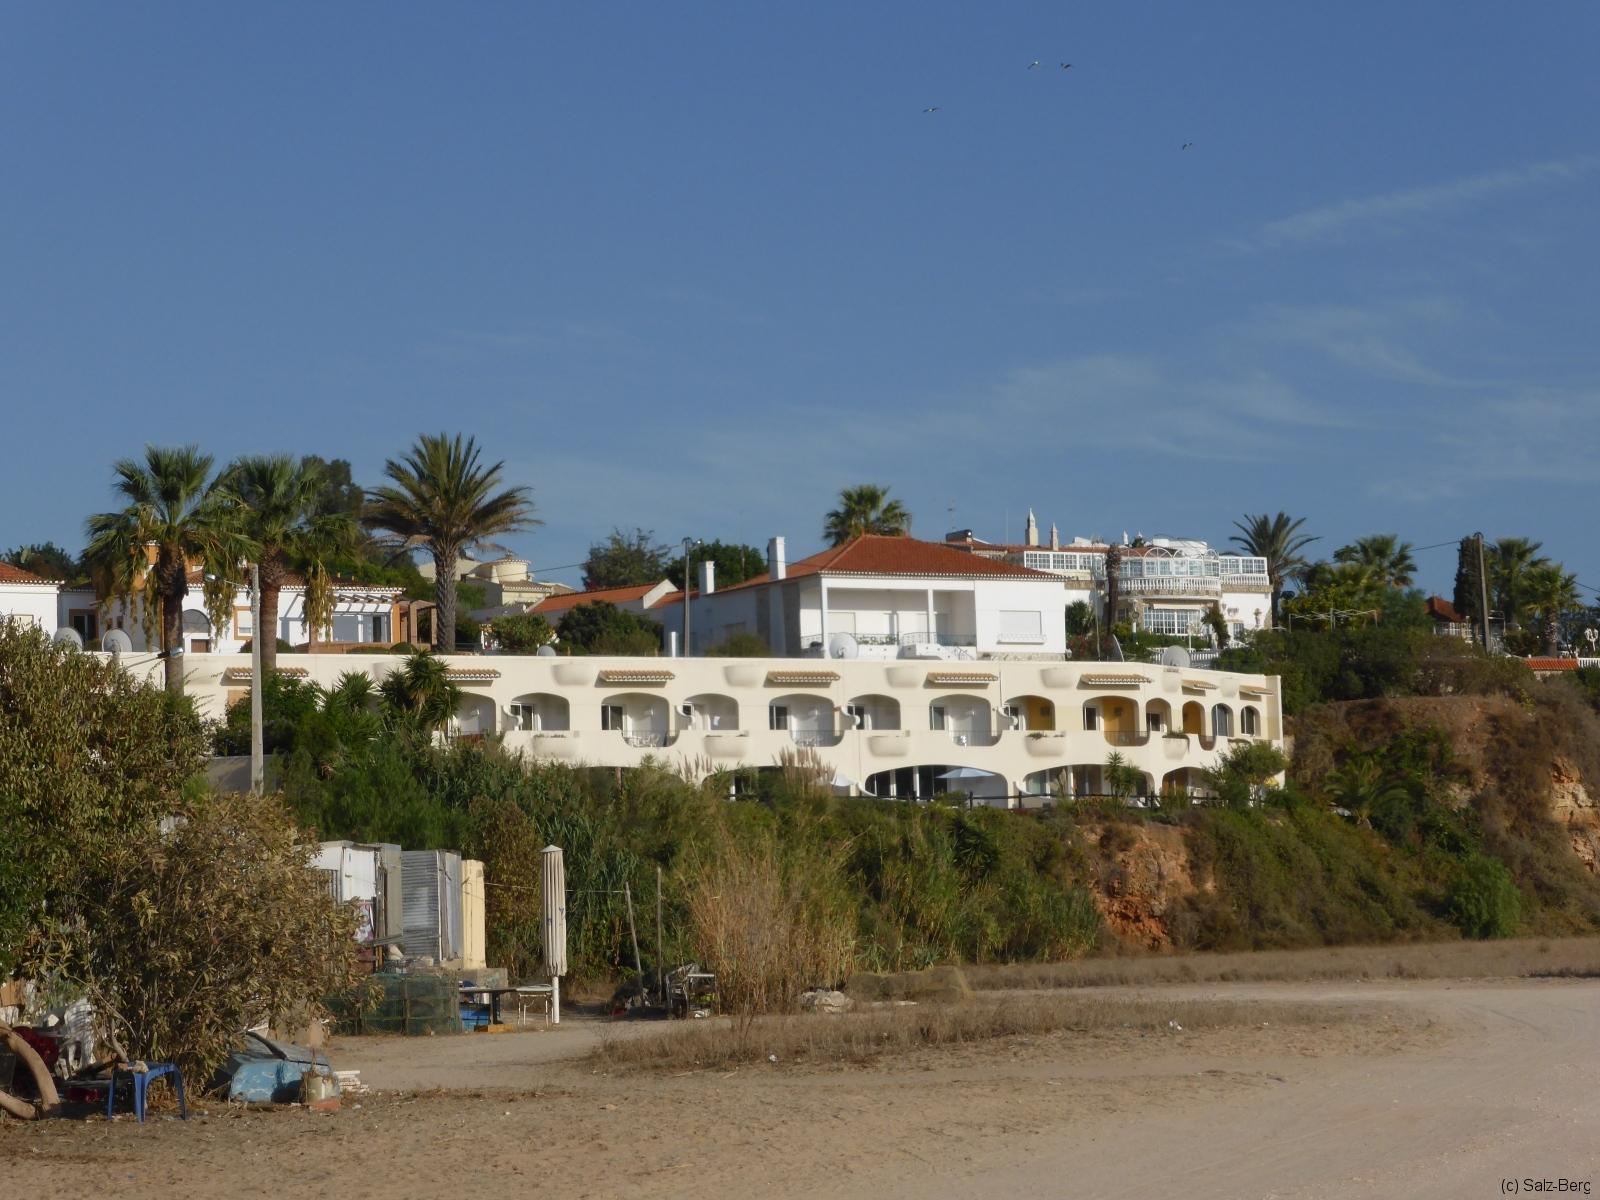 Algarve-325-P1050828-Kopie